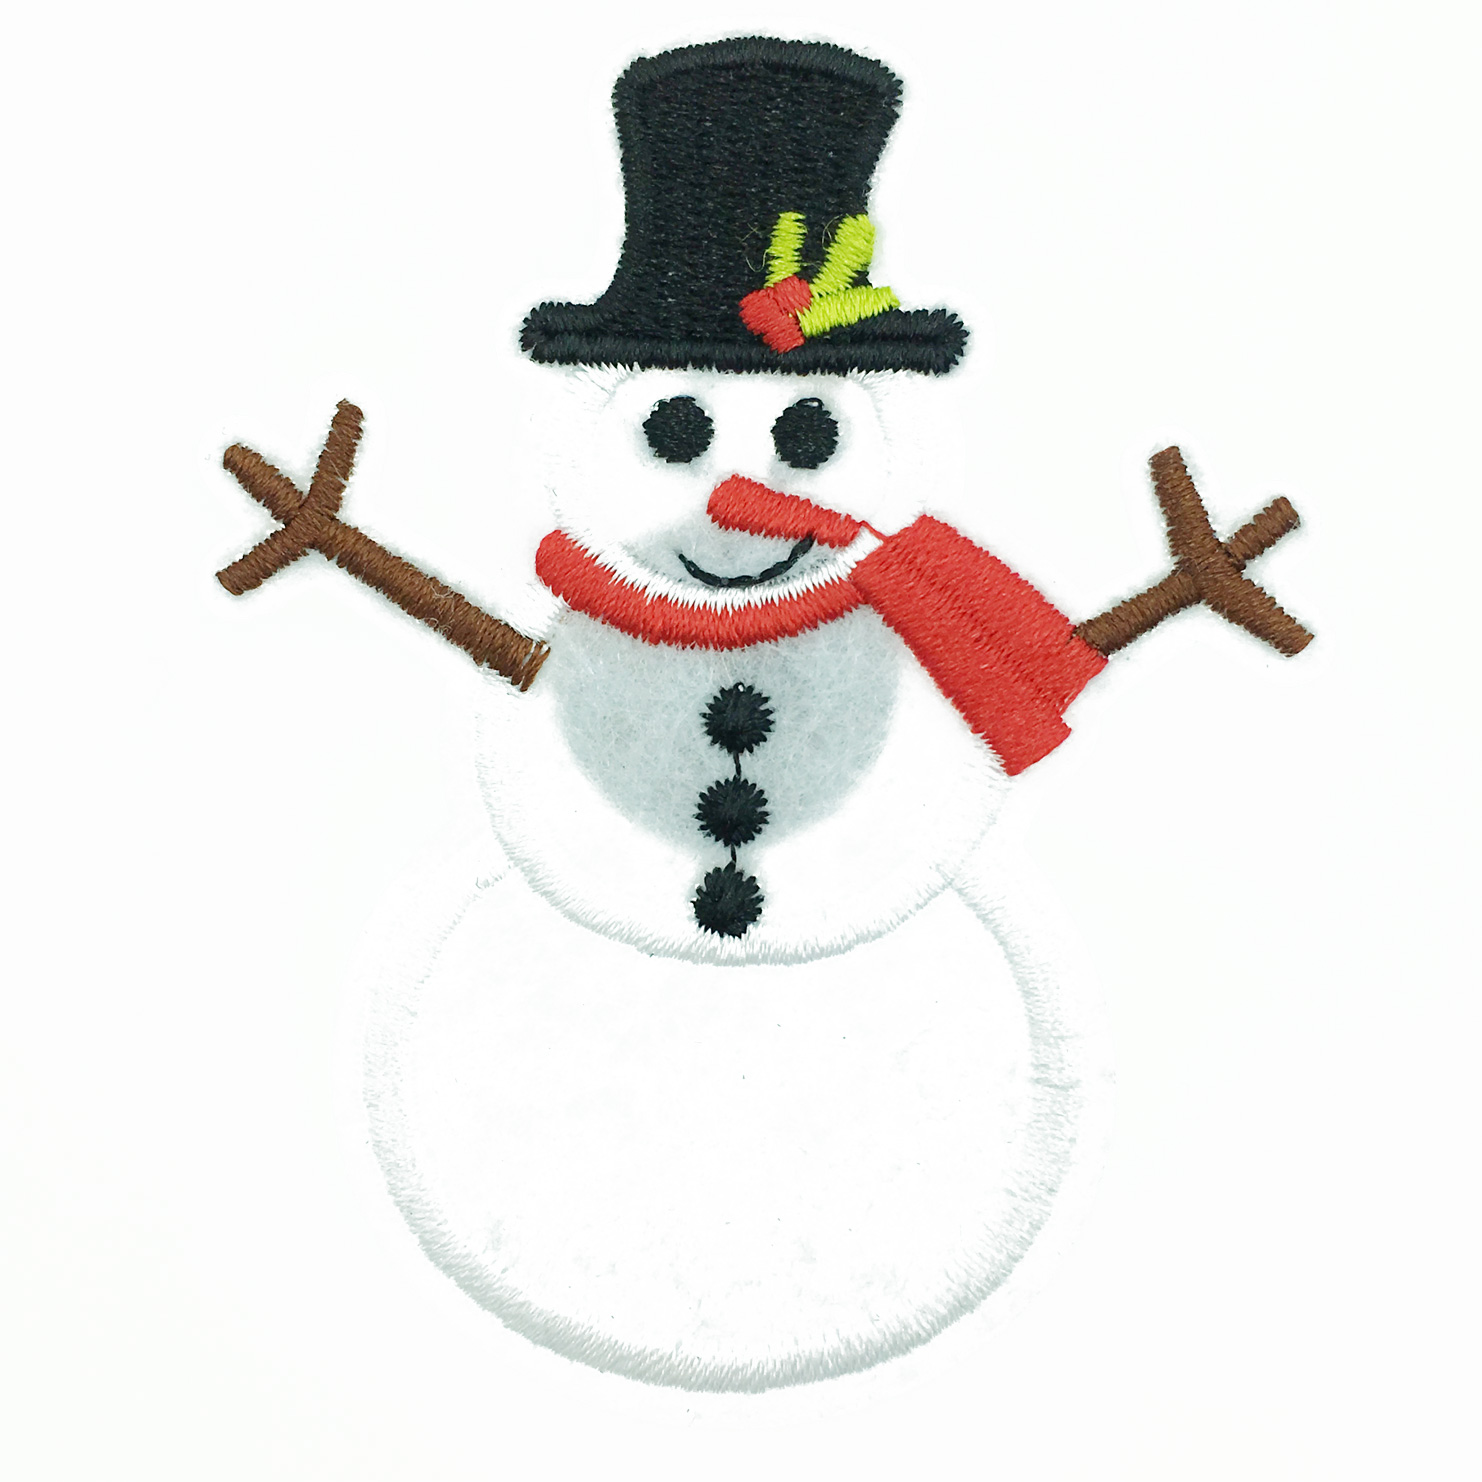 韓國 可愛雪人 刺繡 帽子 圍巾 聖誕節飾品 胸針 別針